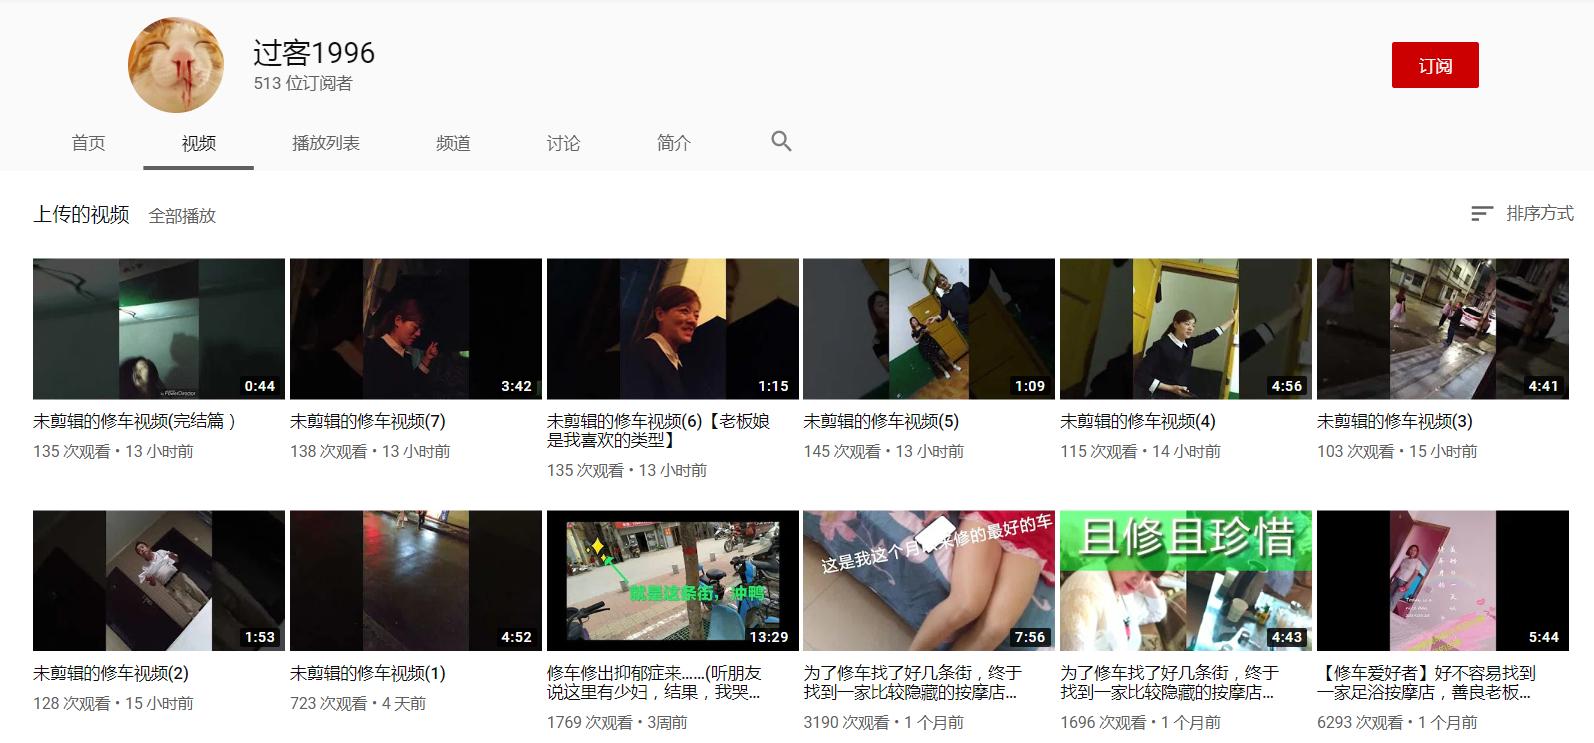 """新增油管老司机修车视频2个""""过客1996""""、""""Orange Leo""""-福禄吧"""